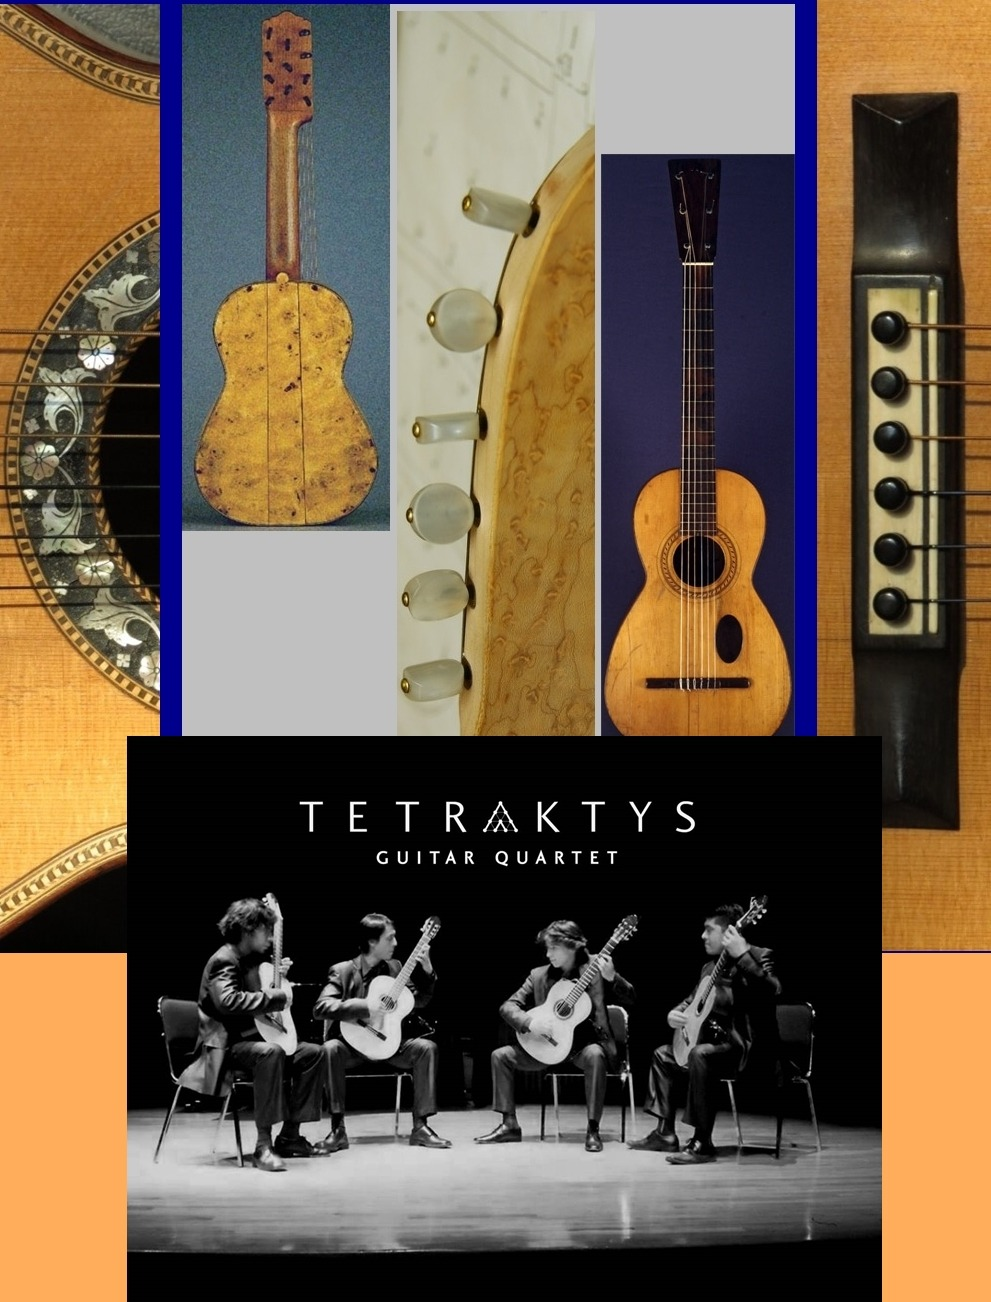 Tetraktys